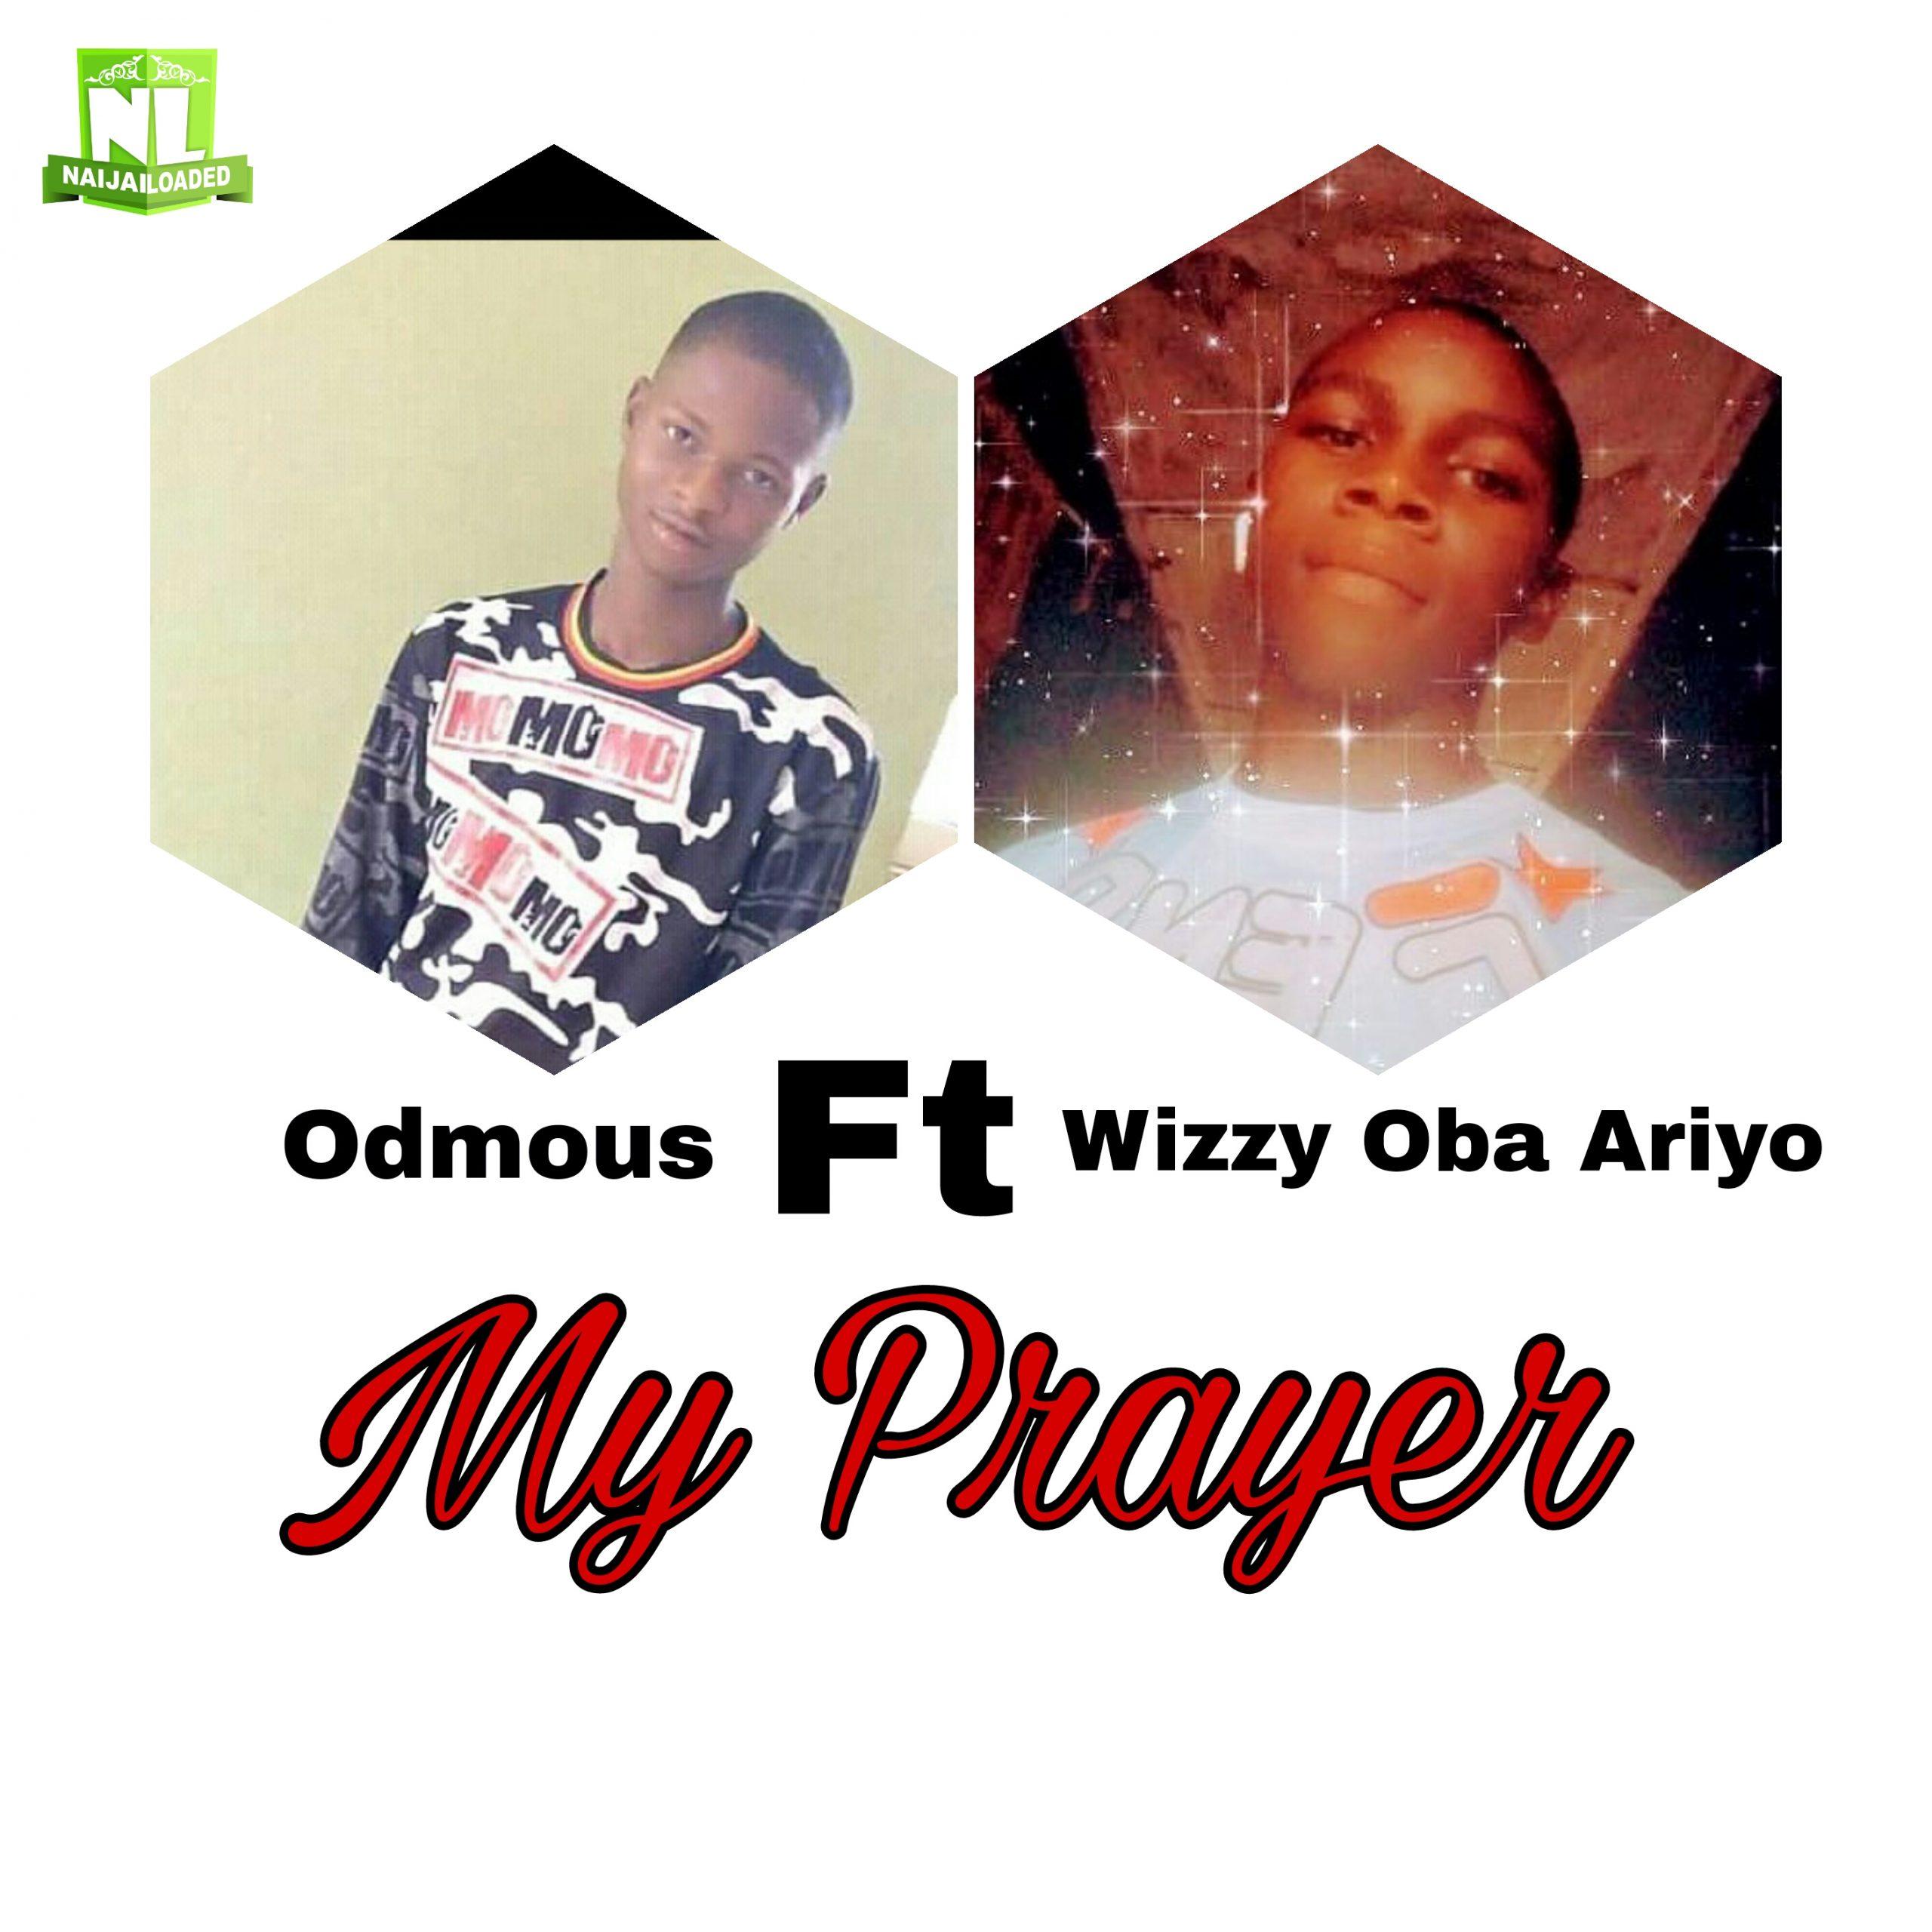 Odmous Wizzy Oba Ariyo My Prayer